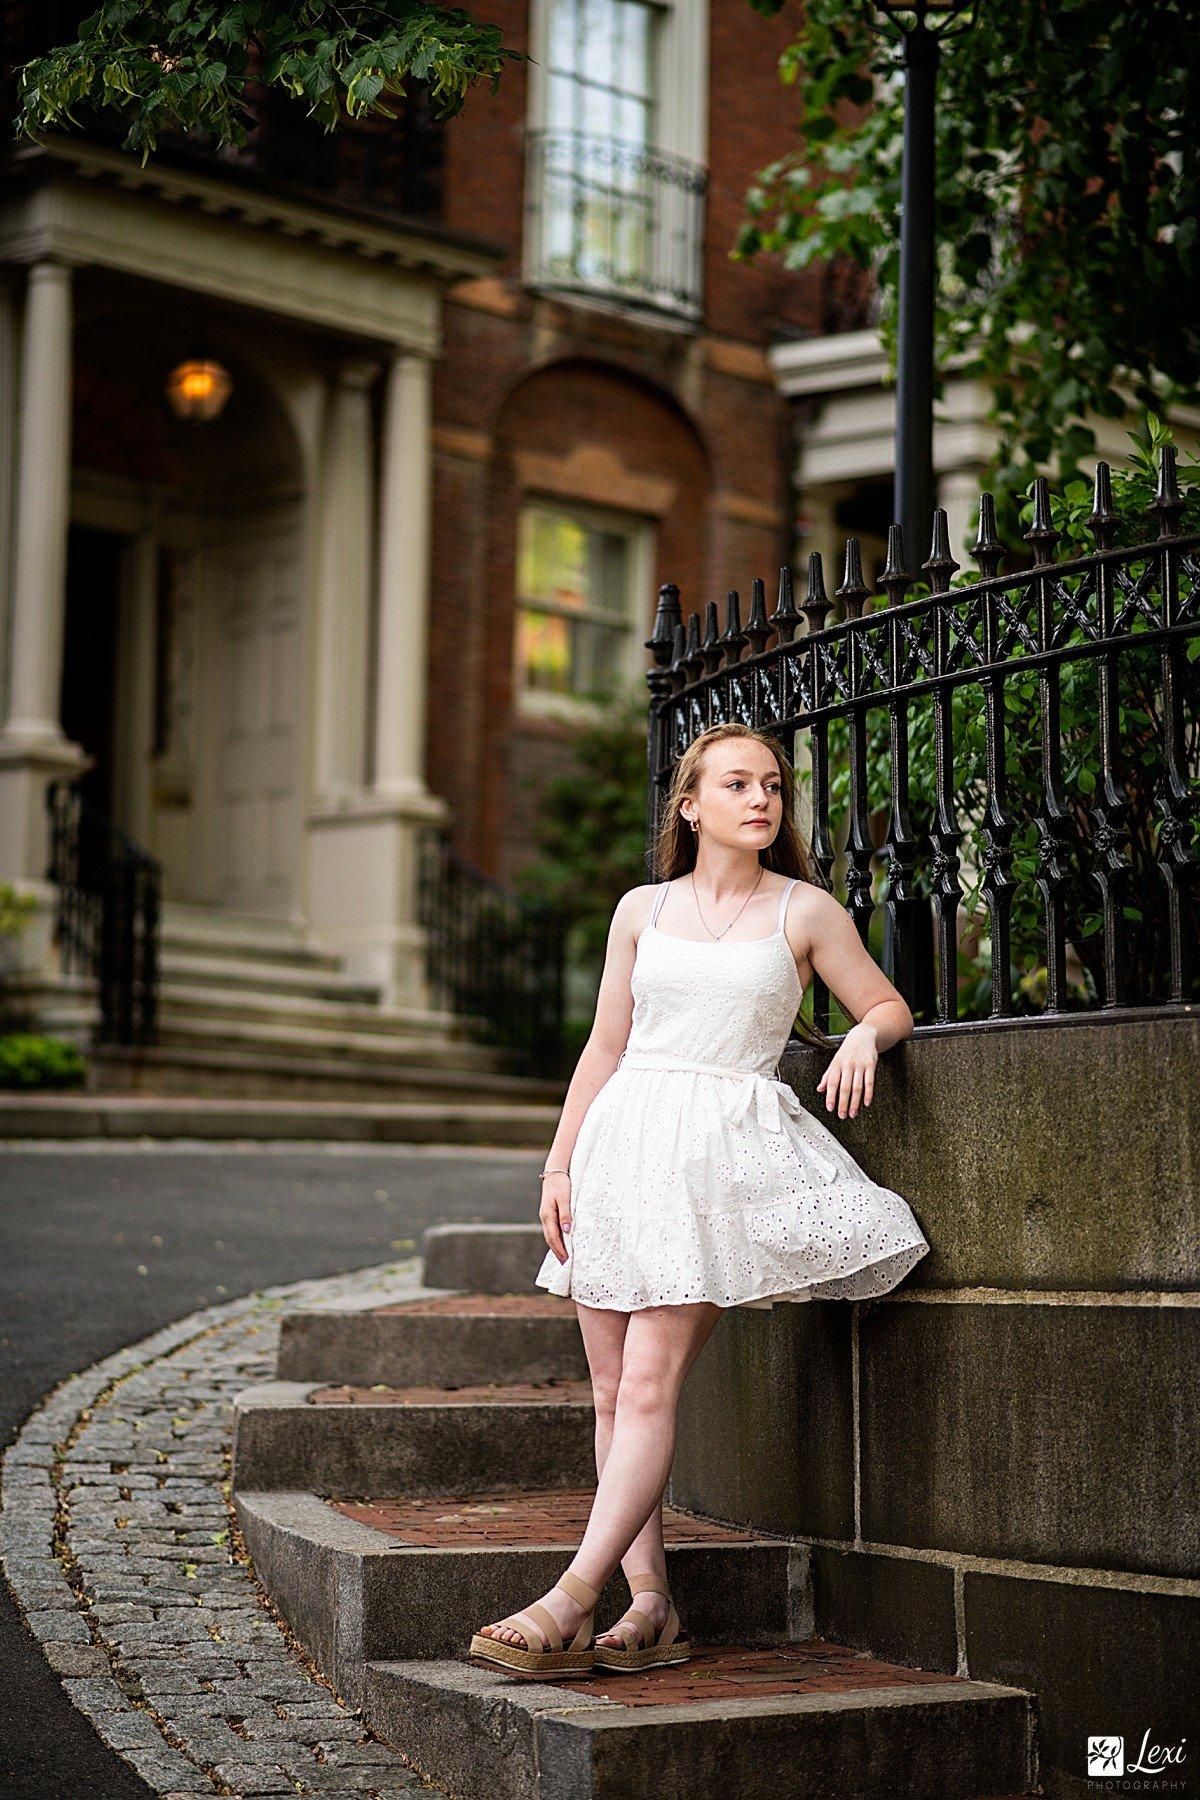 beacon-hill-senior-portraits-white-dress.jpg